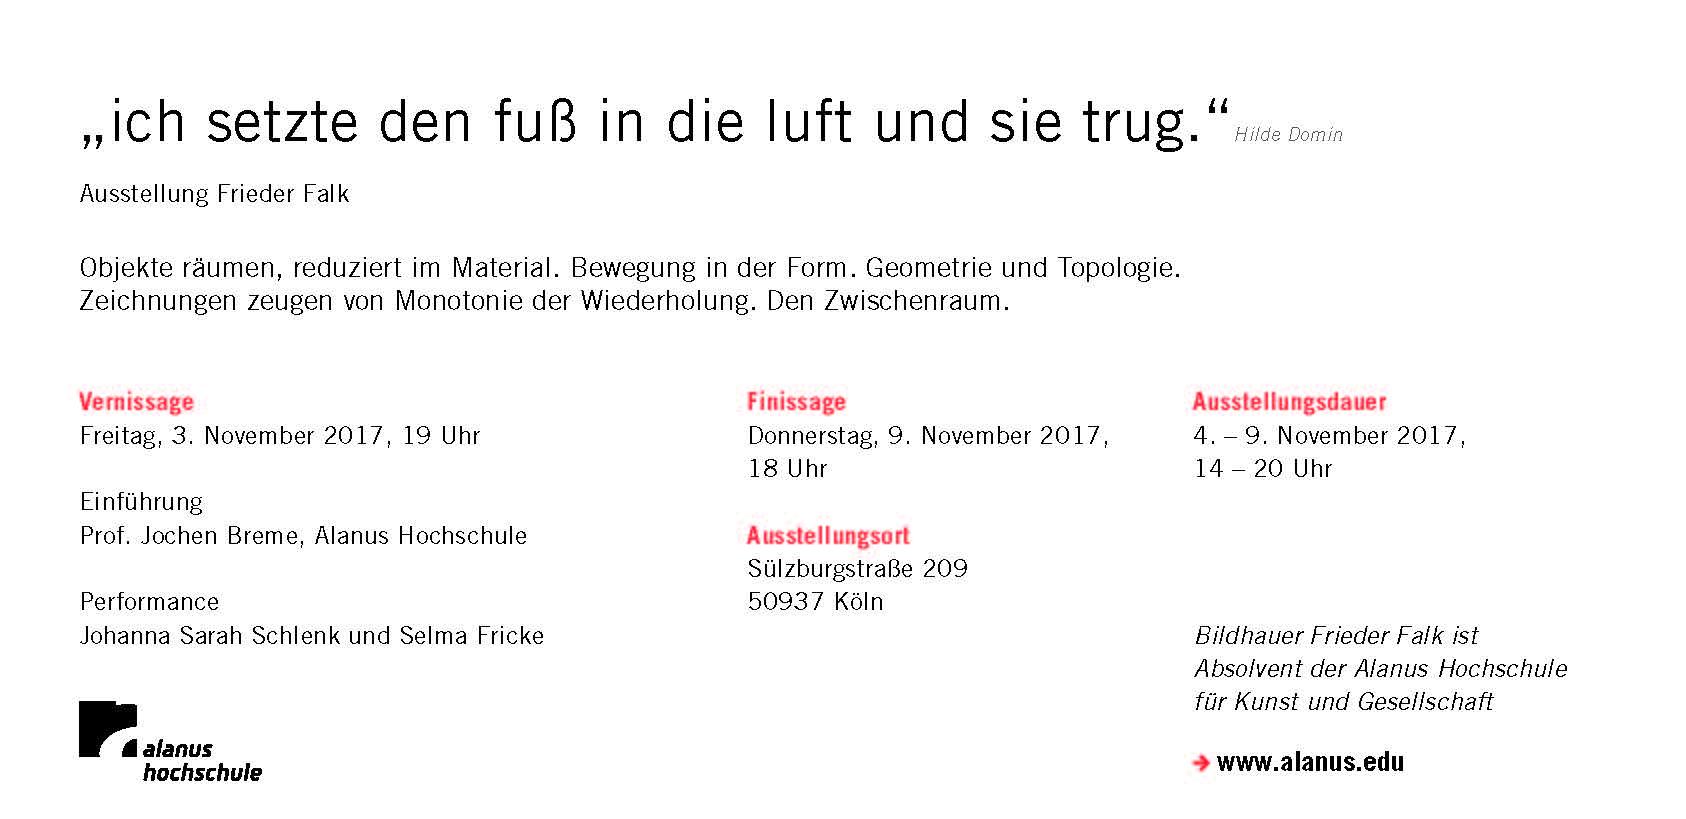 MA_Ausstellung_FriederFalk_171009_Seite_2